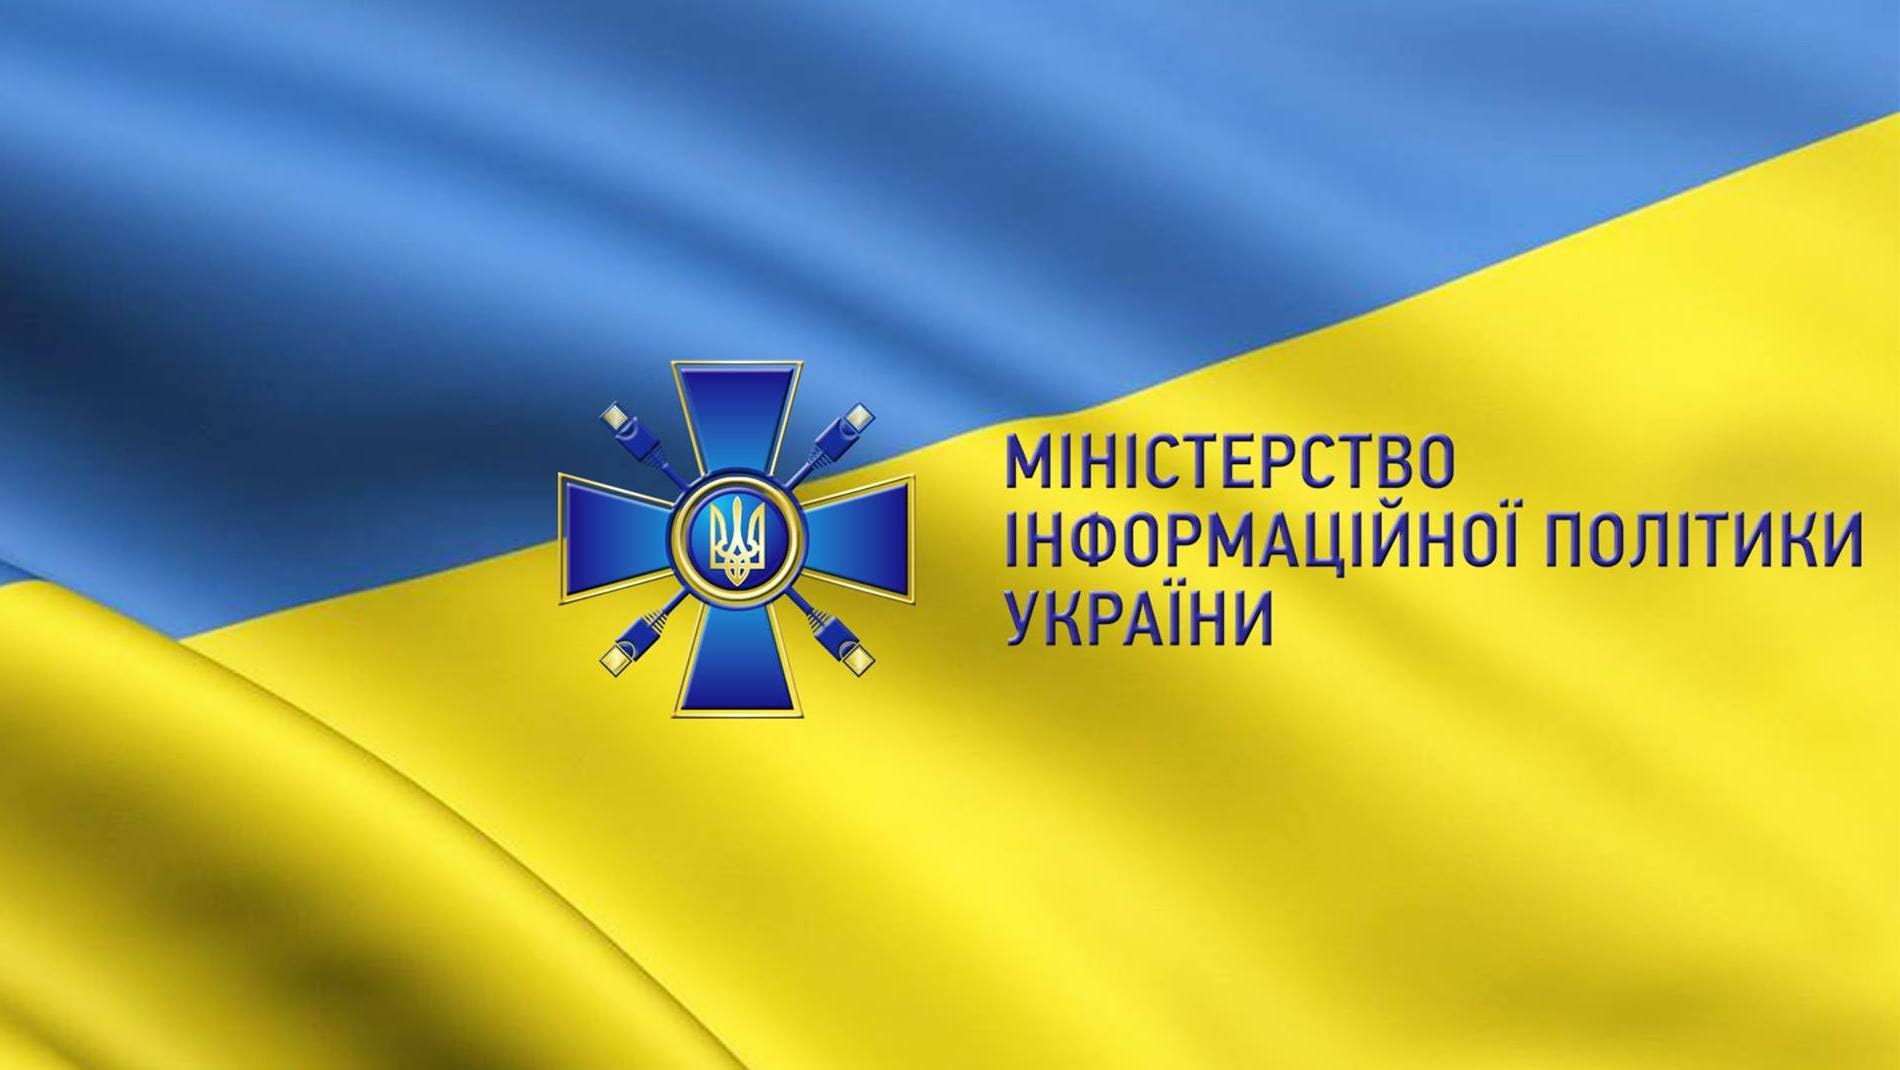 Киев попросил фейсбук ввести антифейковые механизмы вукраинском сегменте